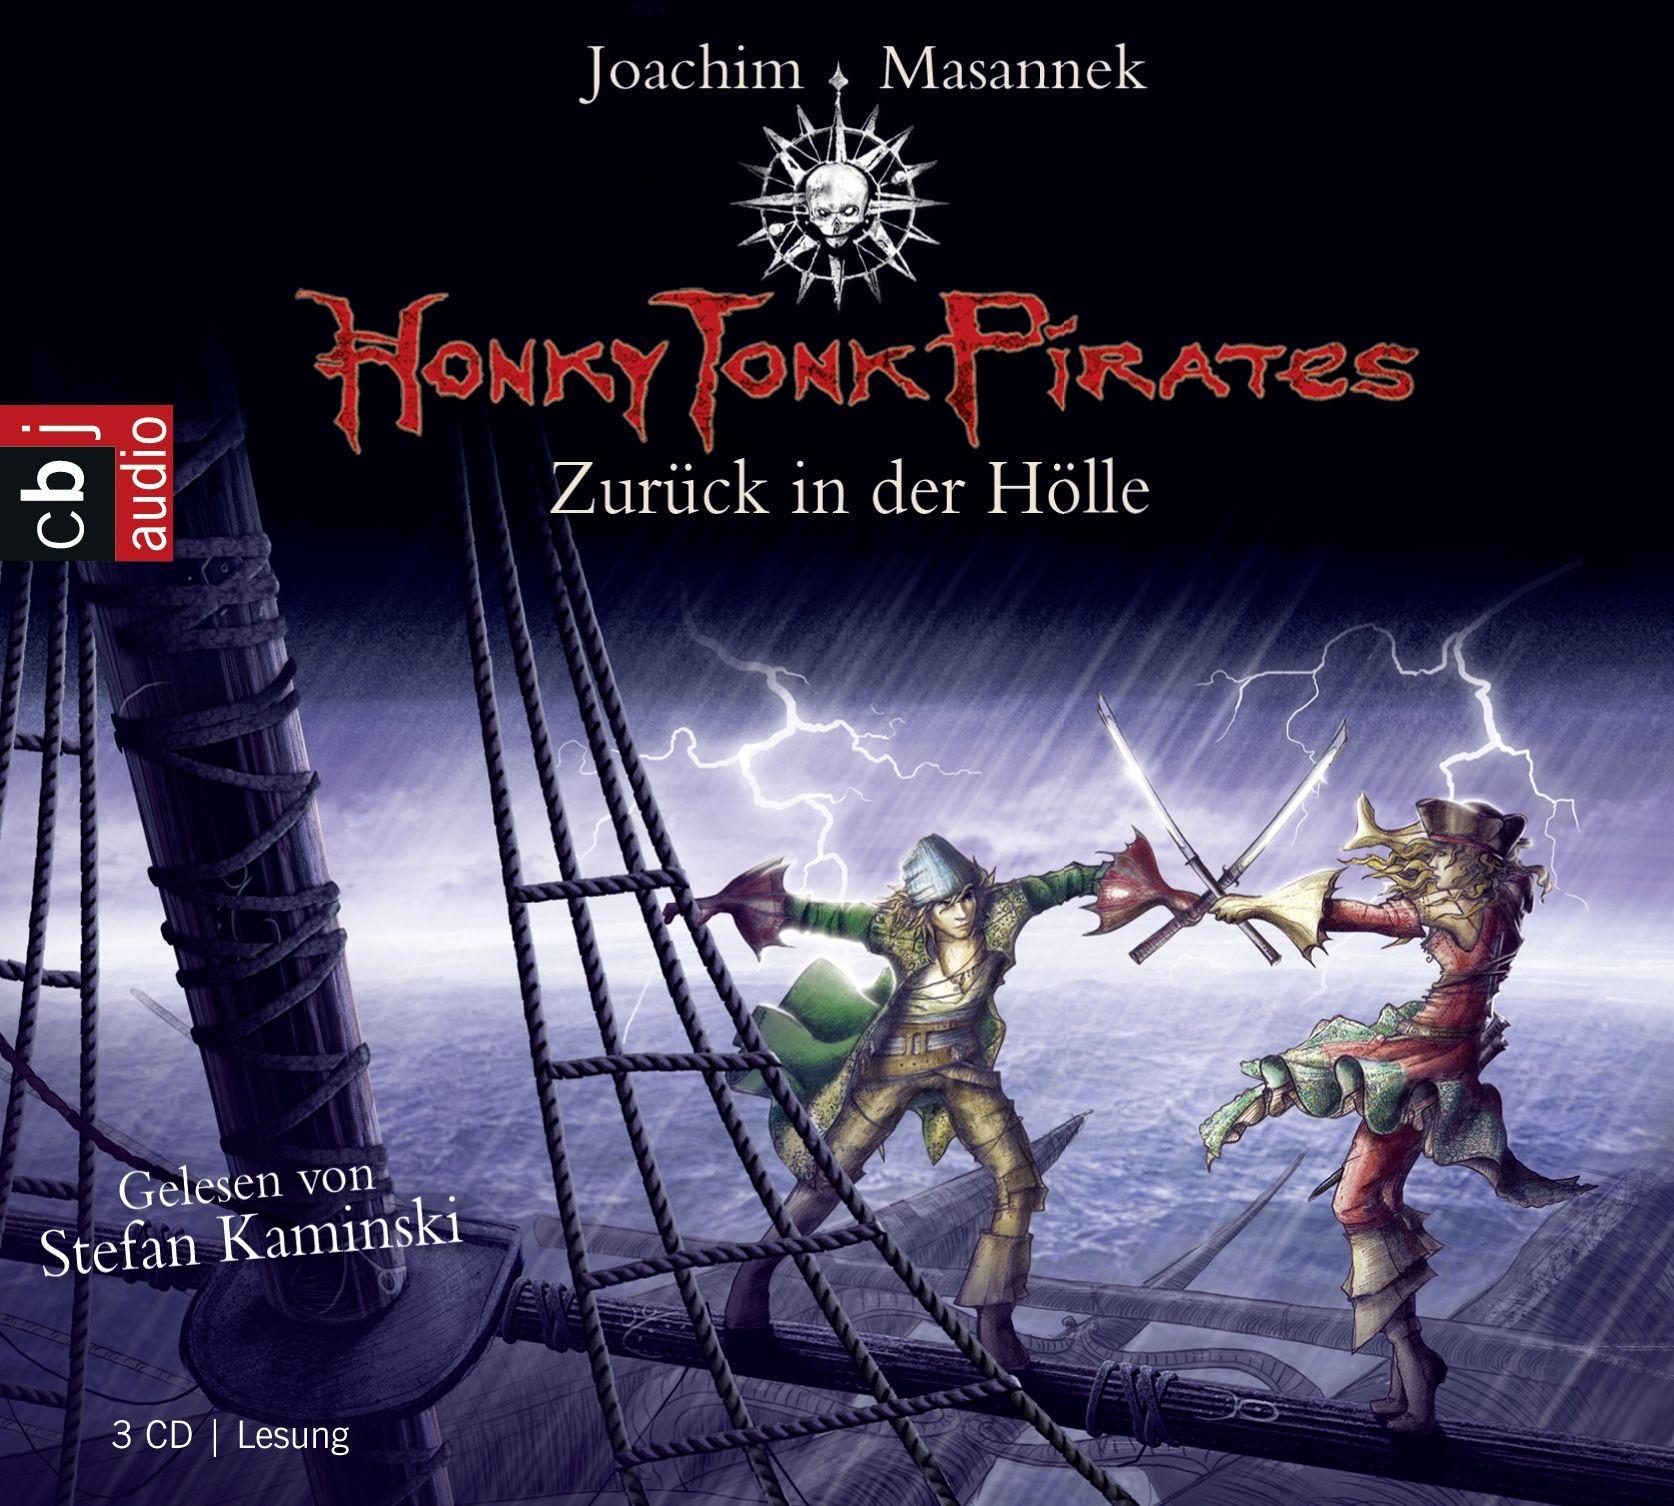 Honky Tonk Pirates - Band 03: Zurück in der Hölle